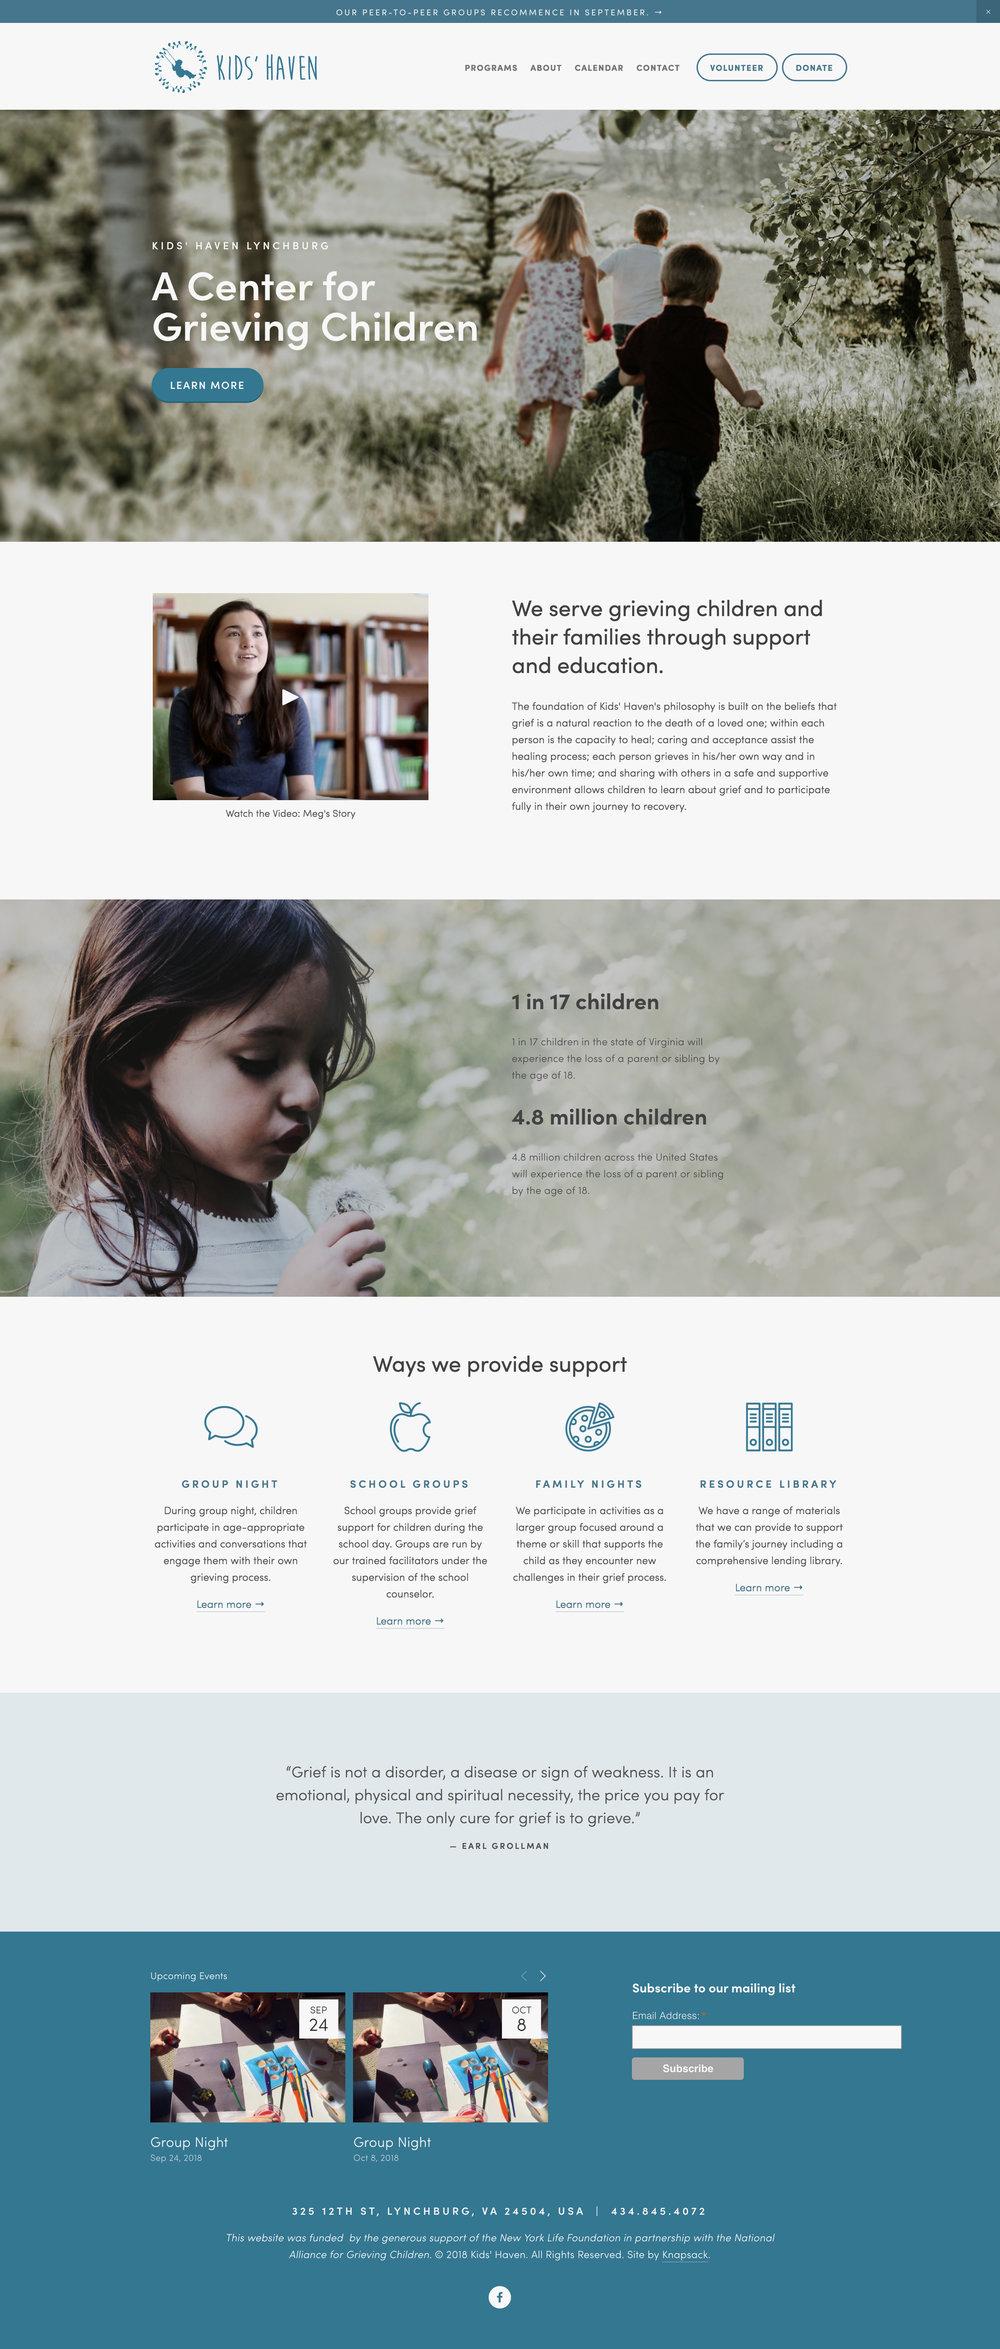 Kids-Haven-Home-Macbook-Overlay.jpg